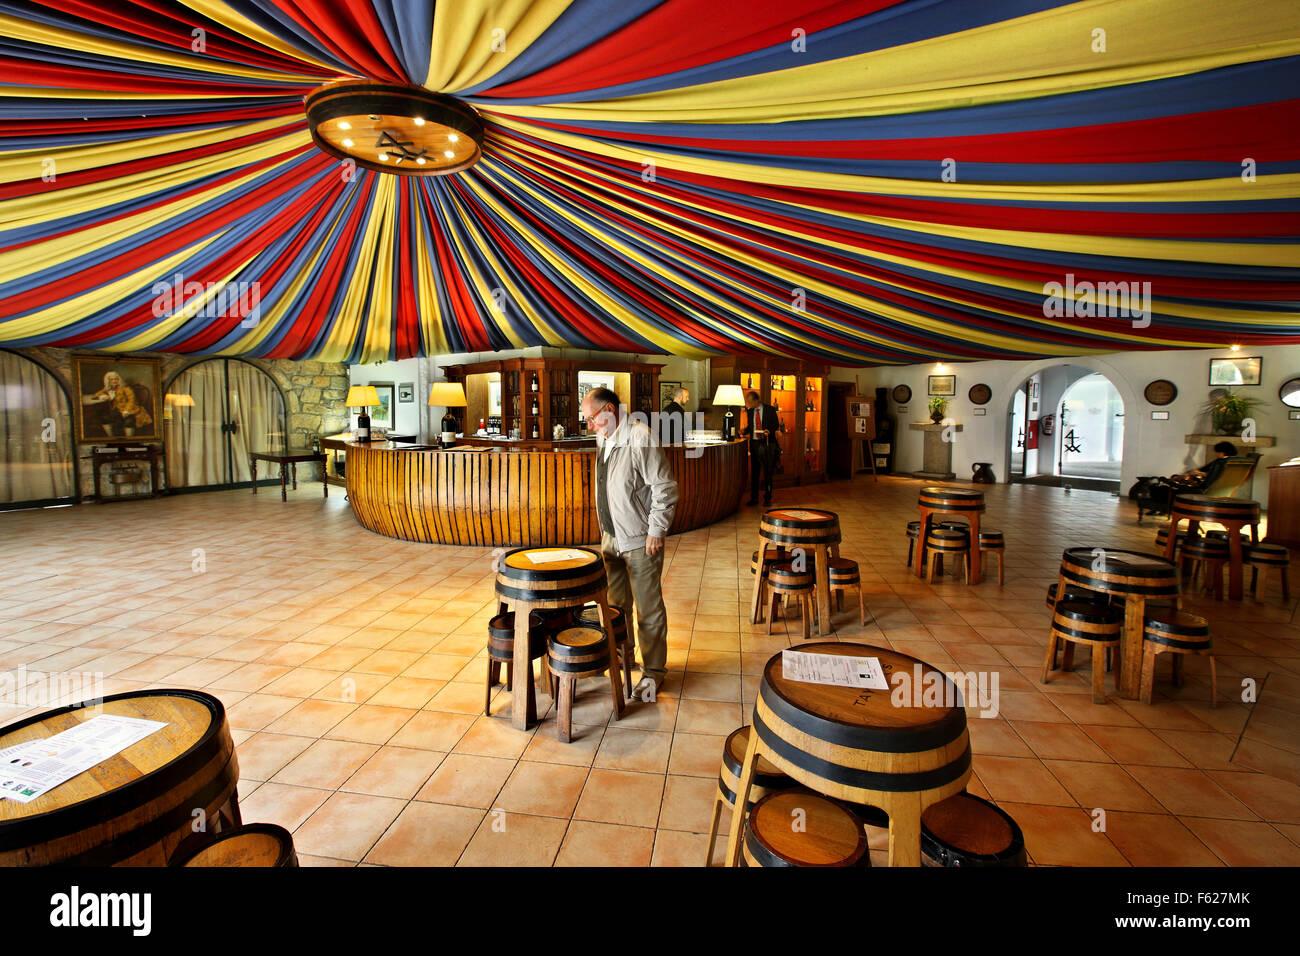 The wine tasting halls of 'Taylor's' in Villa Nova de Gaia, Porto, Porte e Norte, Portugal. - Stock Image